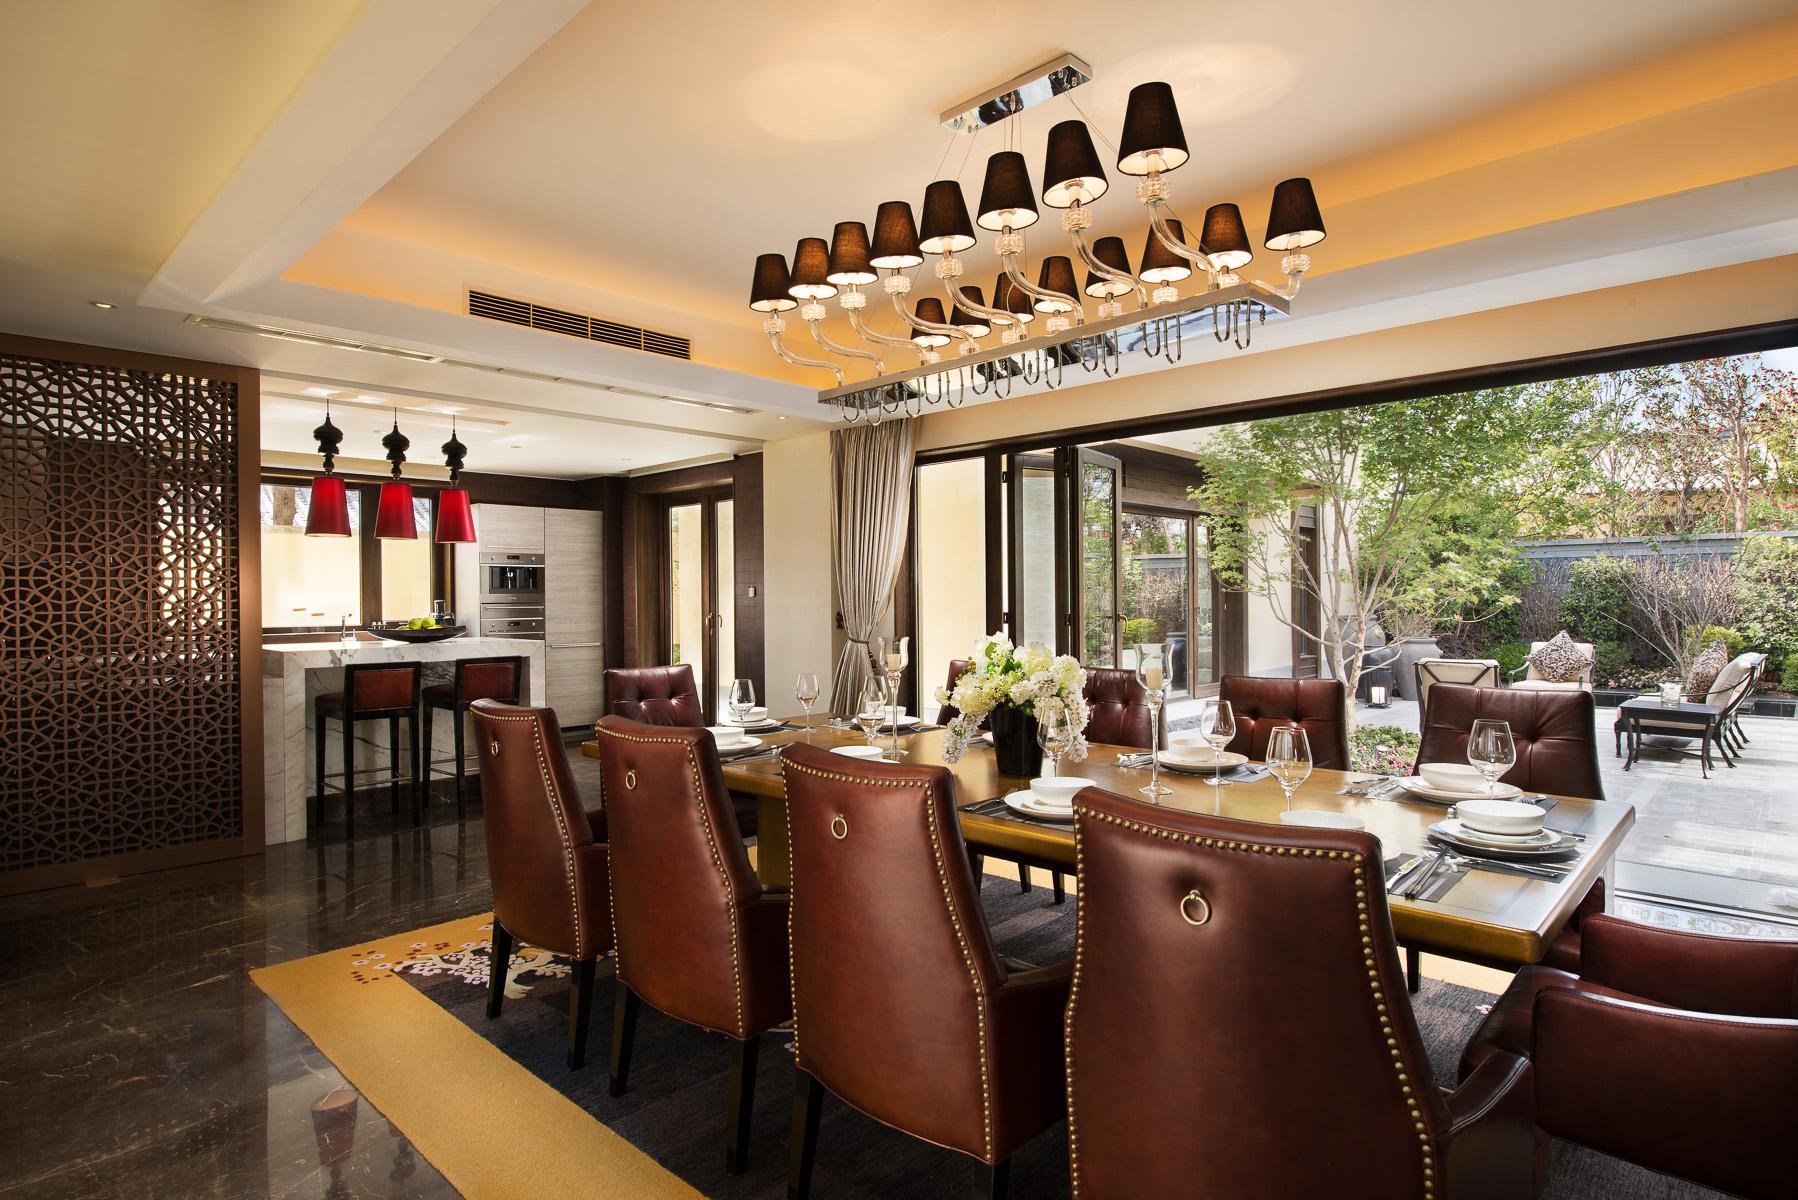 20140430_HBA_LiJiang-Villa_DuiXe_Dining_F.jpg